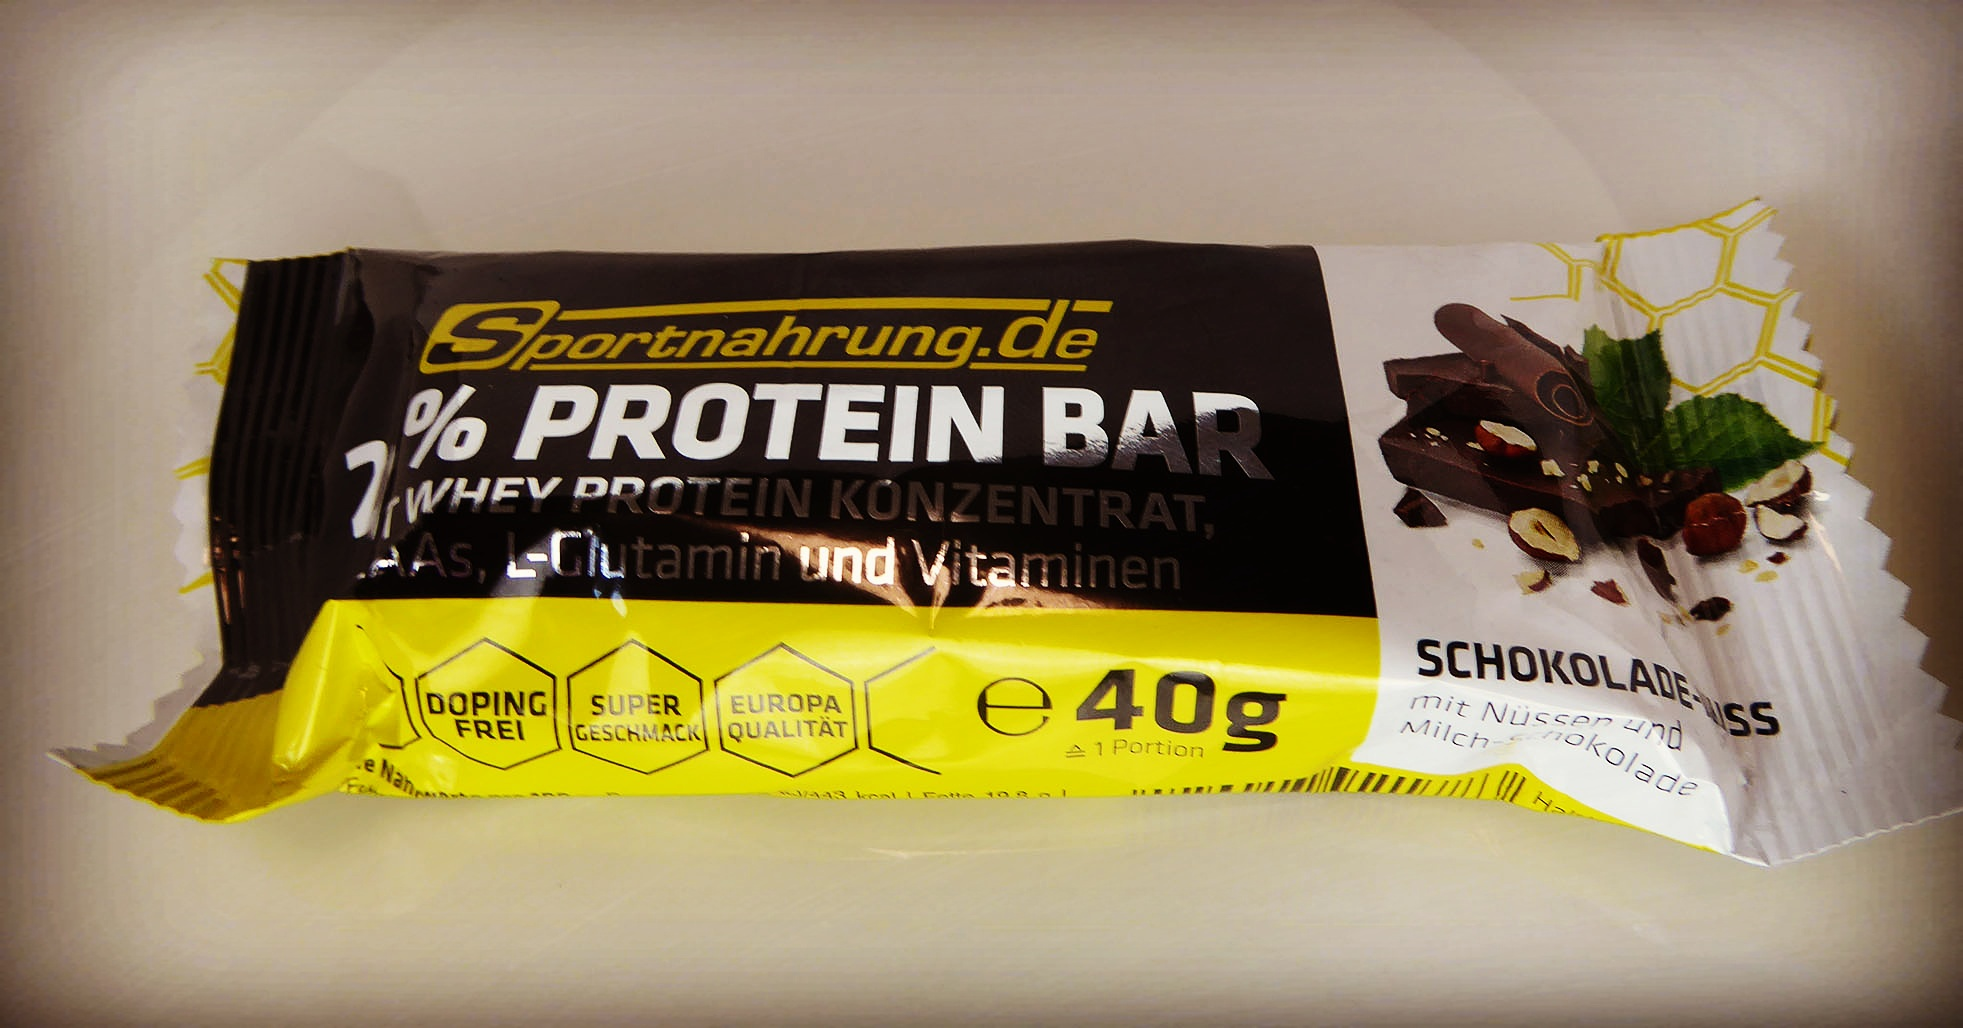 Sportnahrung Schokolade Nuss Protein Riegel Bar